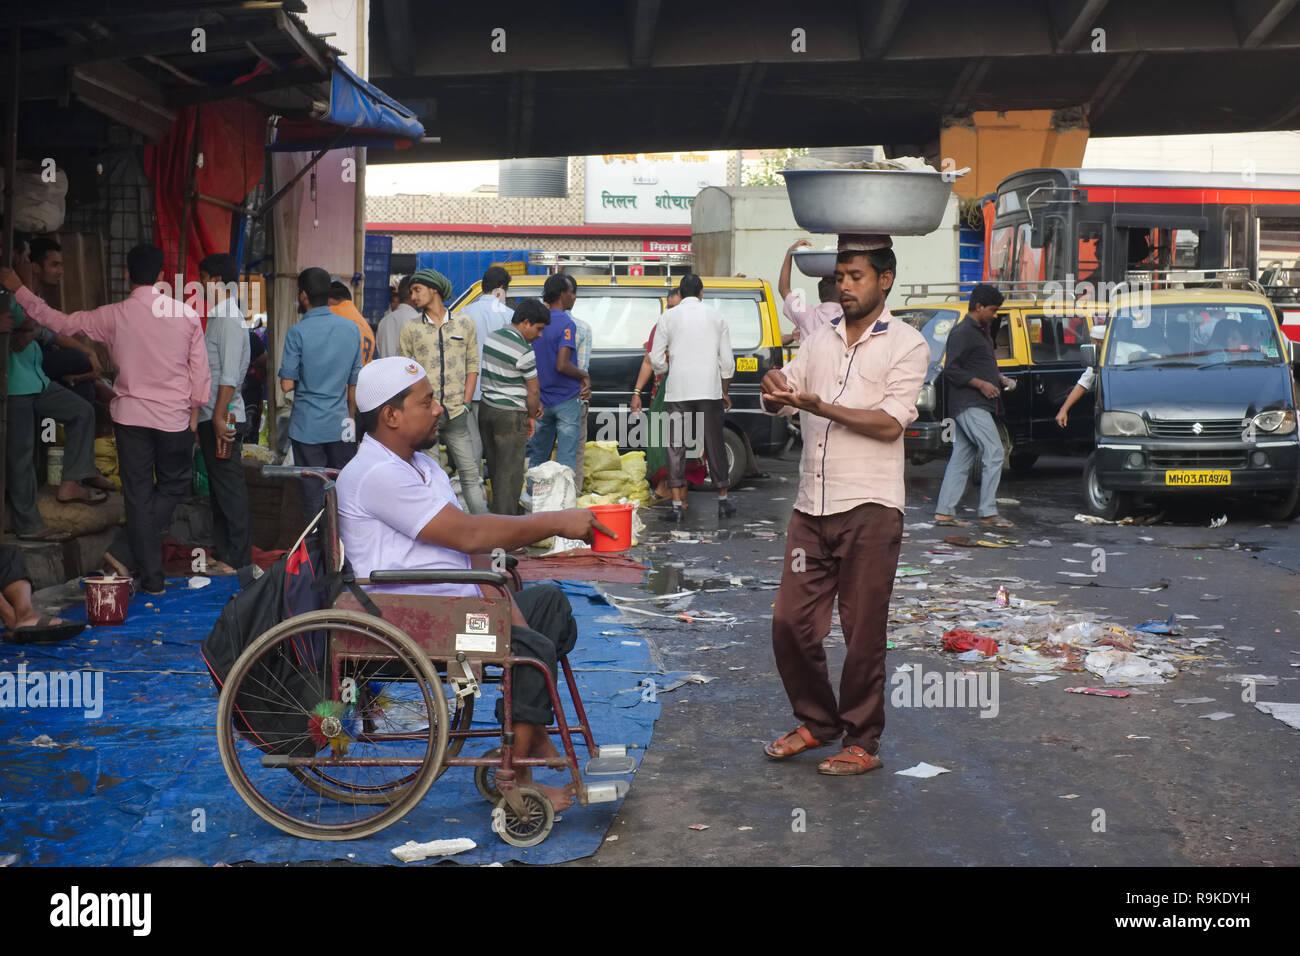 Un porteur dans un marché aux poissons à Mumbai, Inde, environ à part une petite somme d'argent à un mendiant Photo Stock